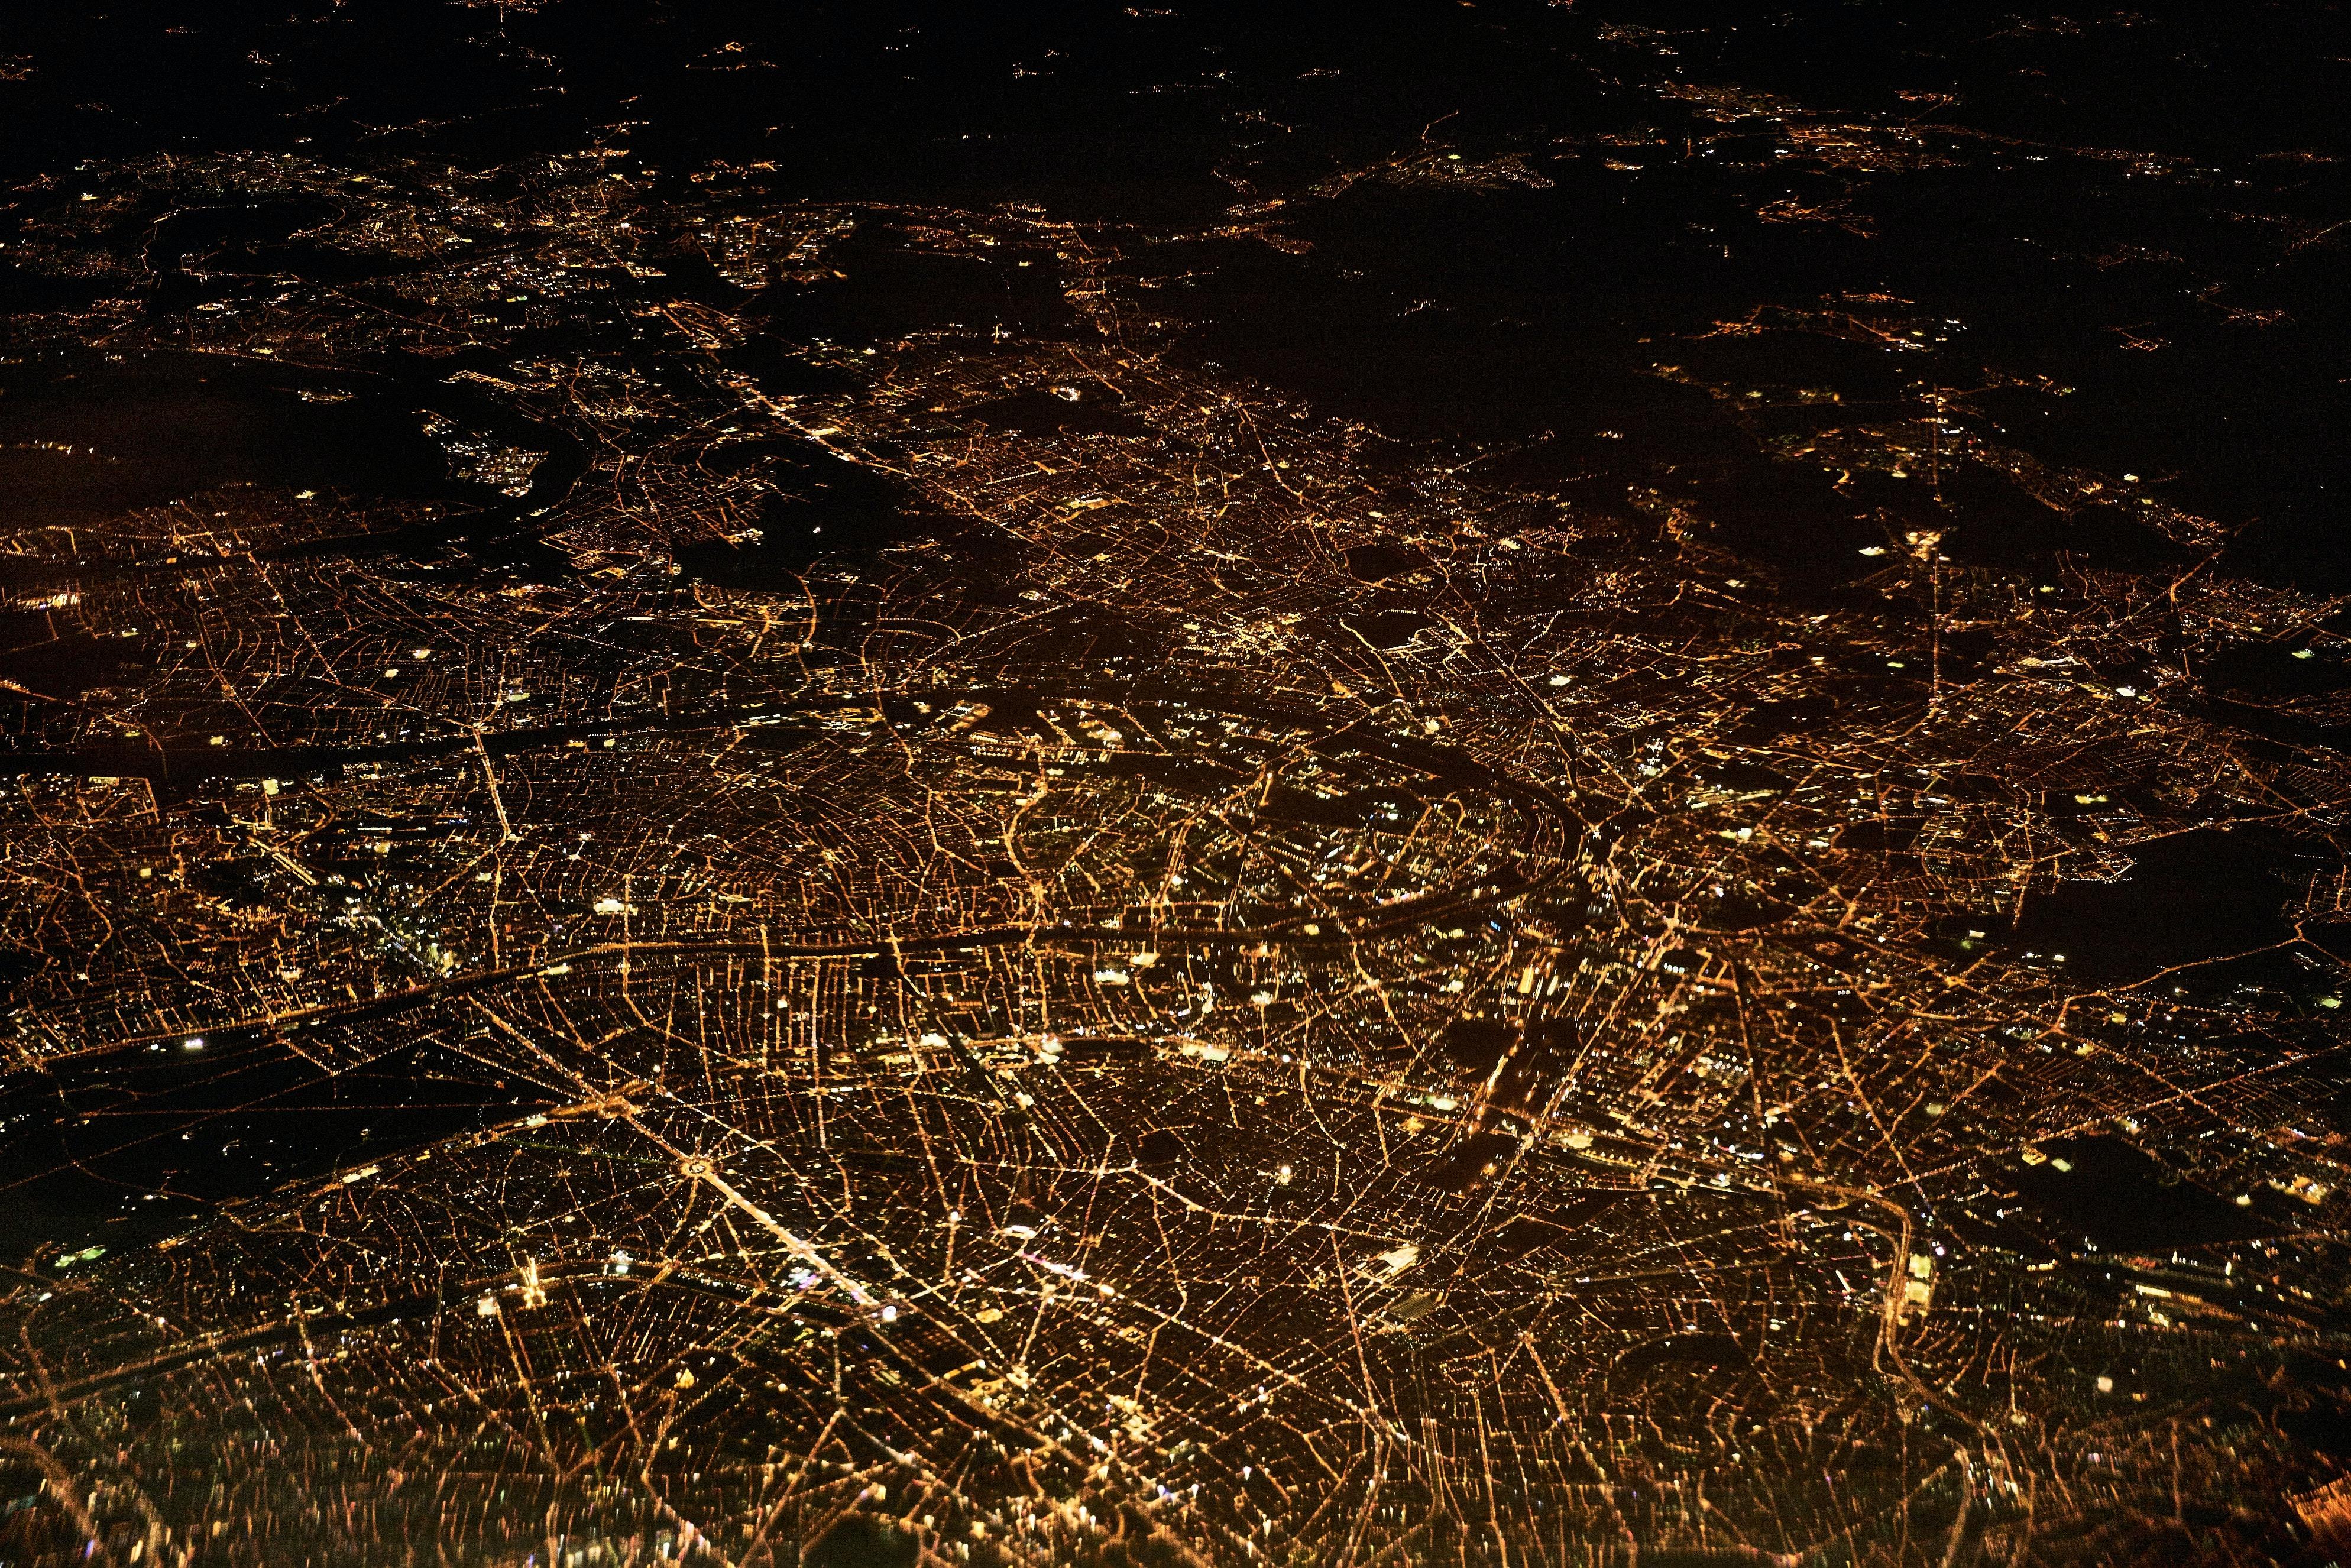 スマートシティやスーパーシティは本当に有効か?ー課題とデメリットを考える